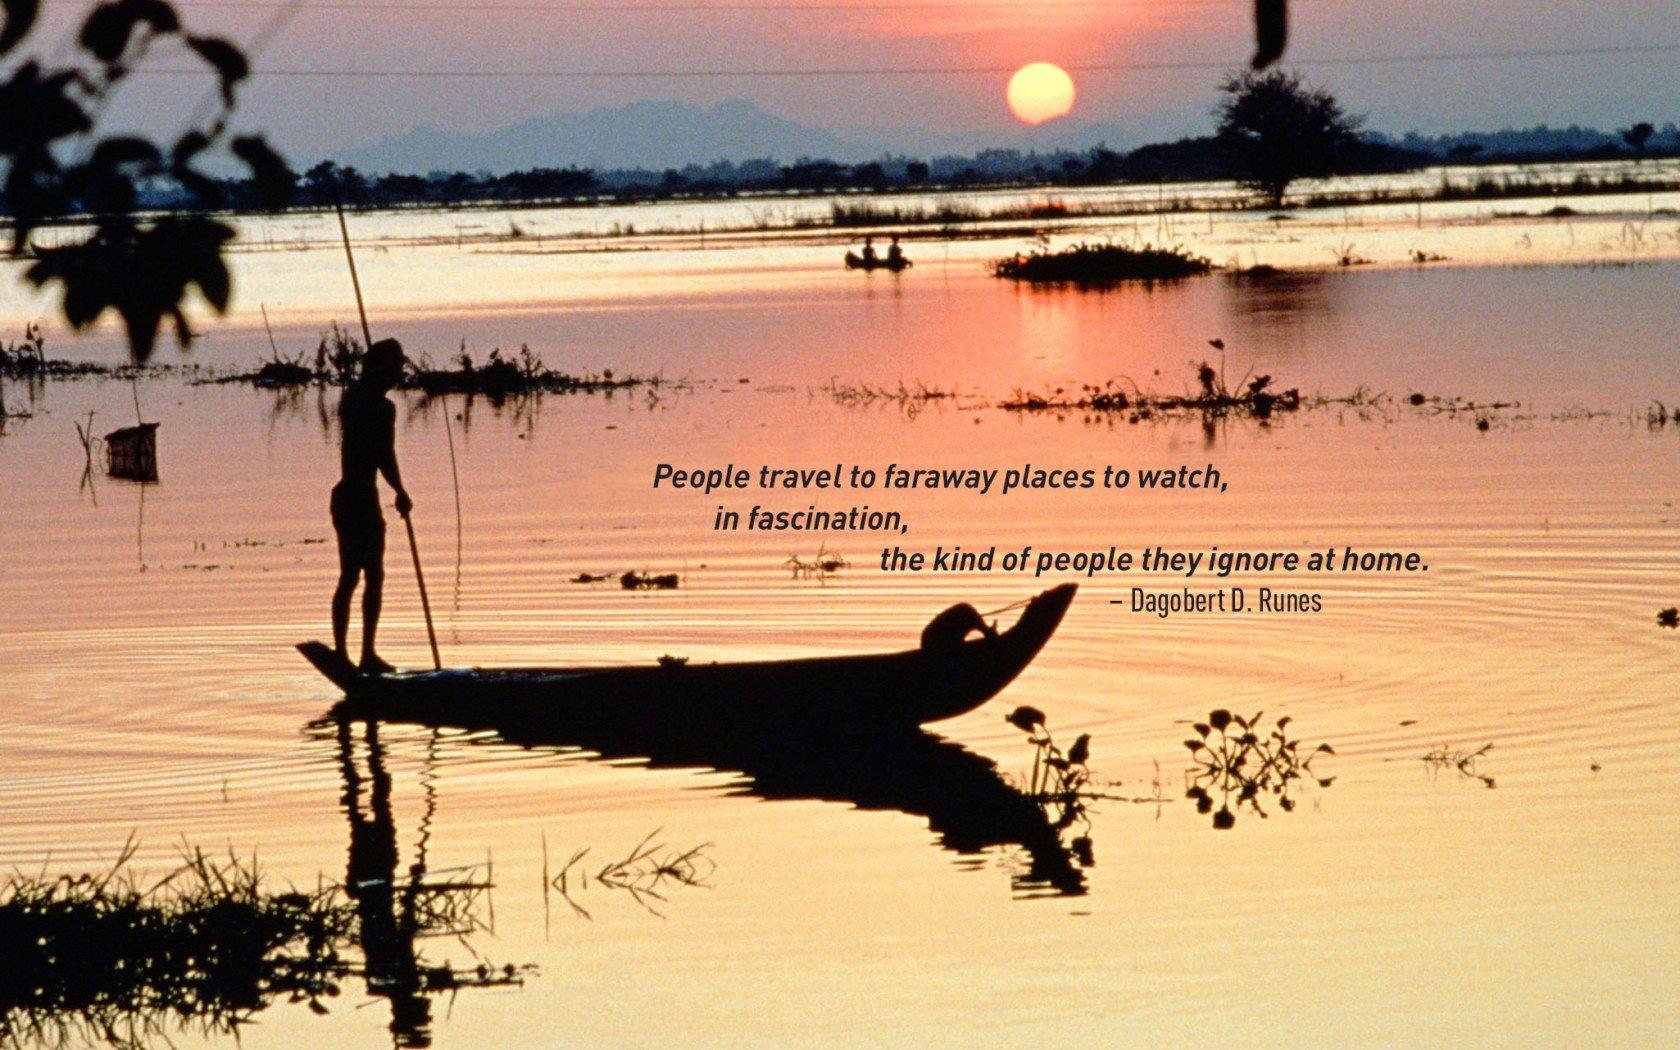 Devis de voyage Dagobert D. Runes. Coucher de soleil sur une scène de pêche traditionnelle.